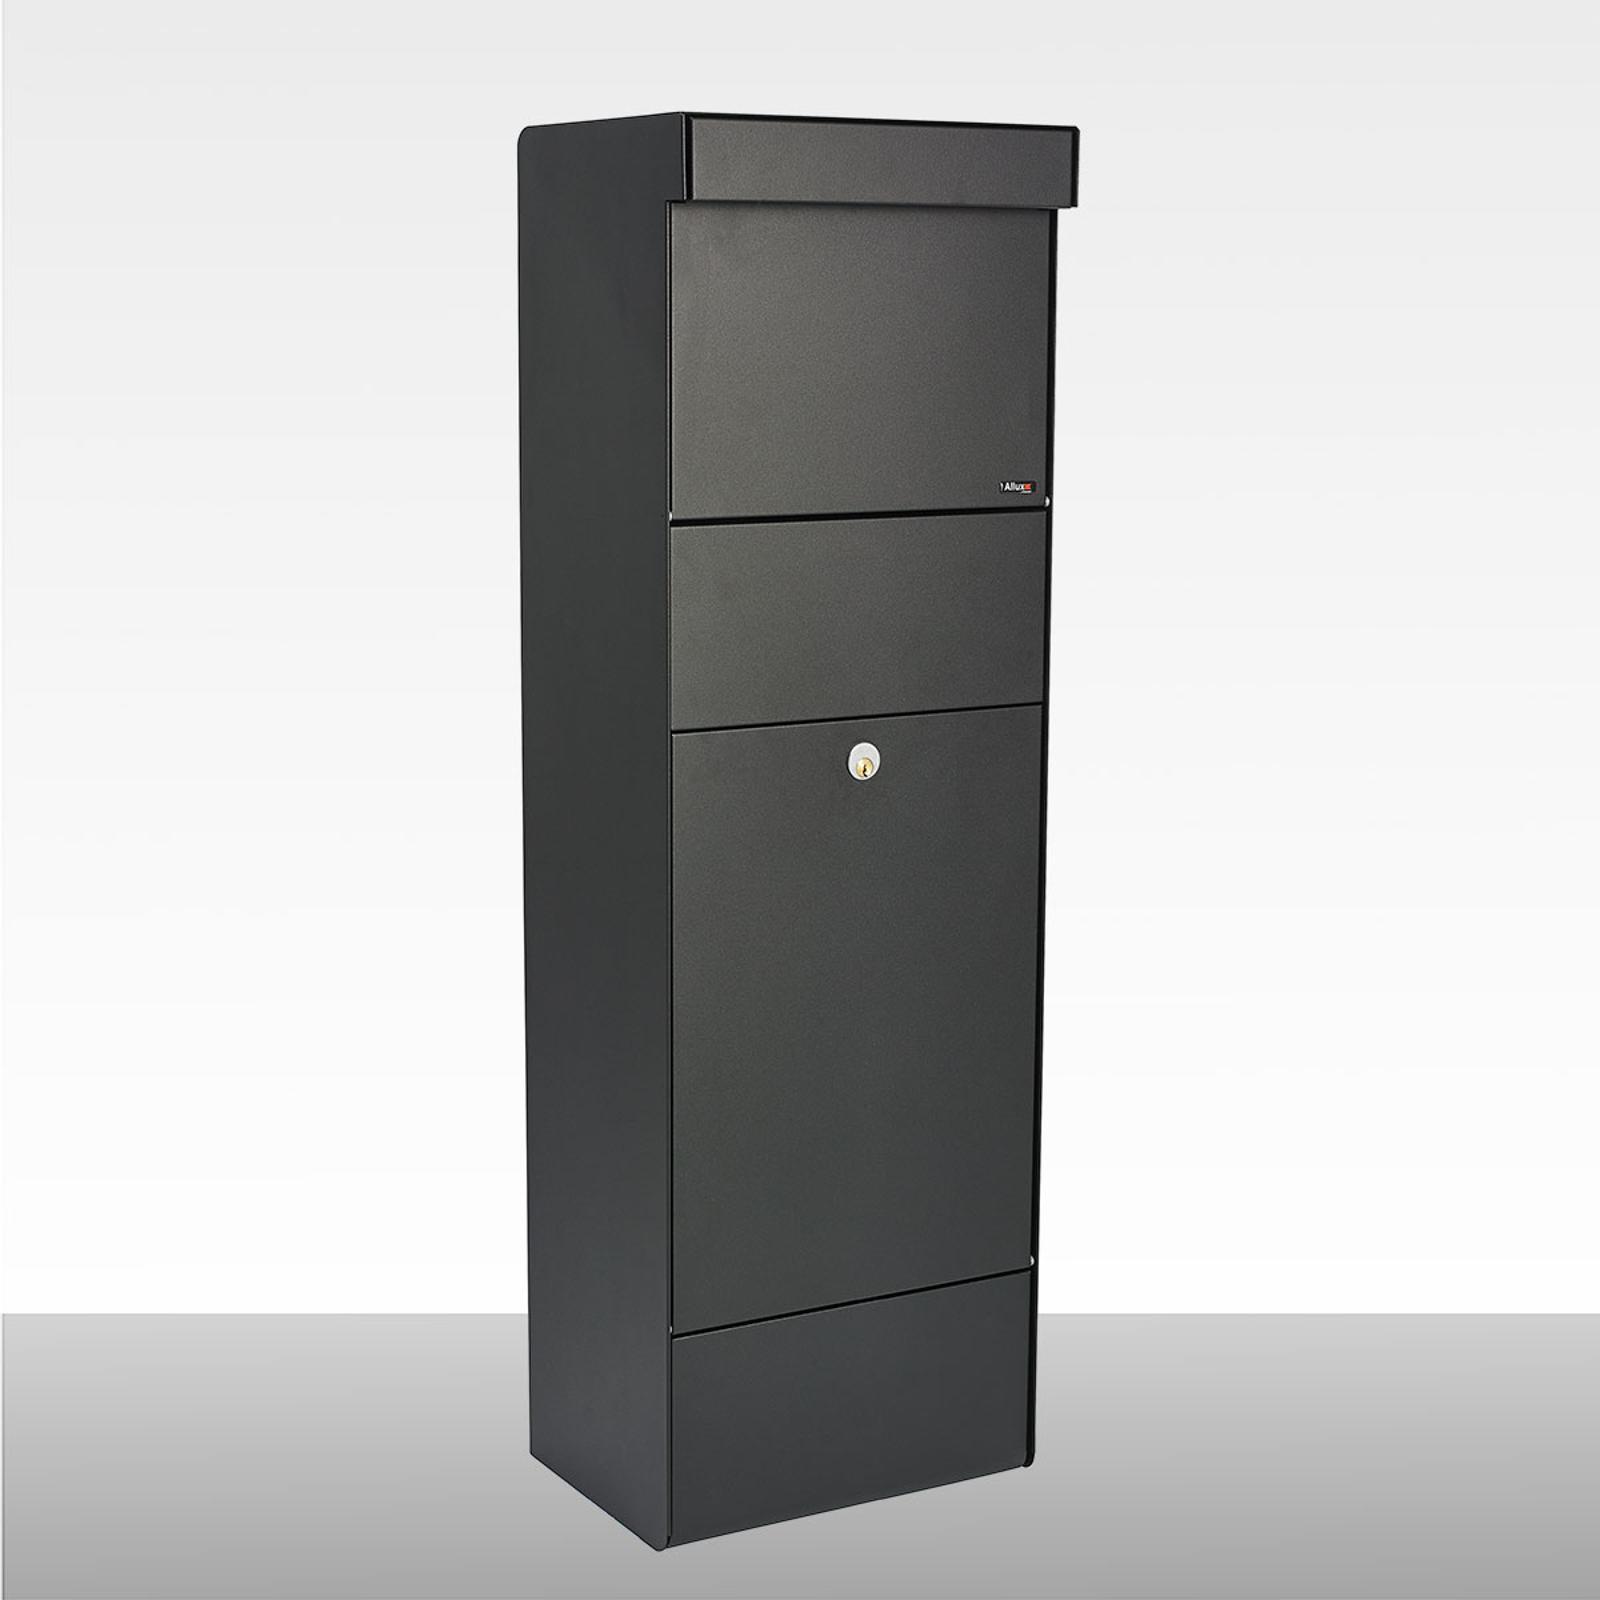 Juliana Schránka na listy a balíky Základný tvar Parcel